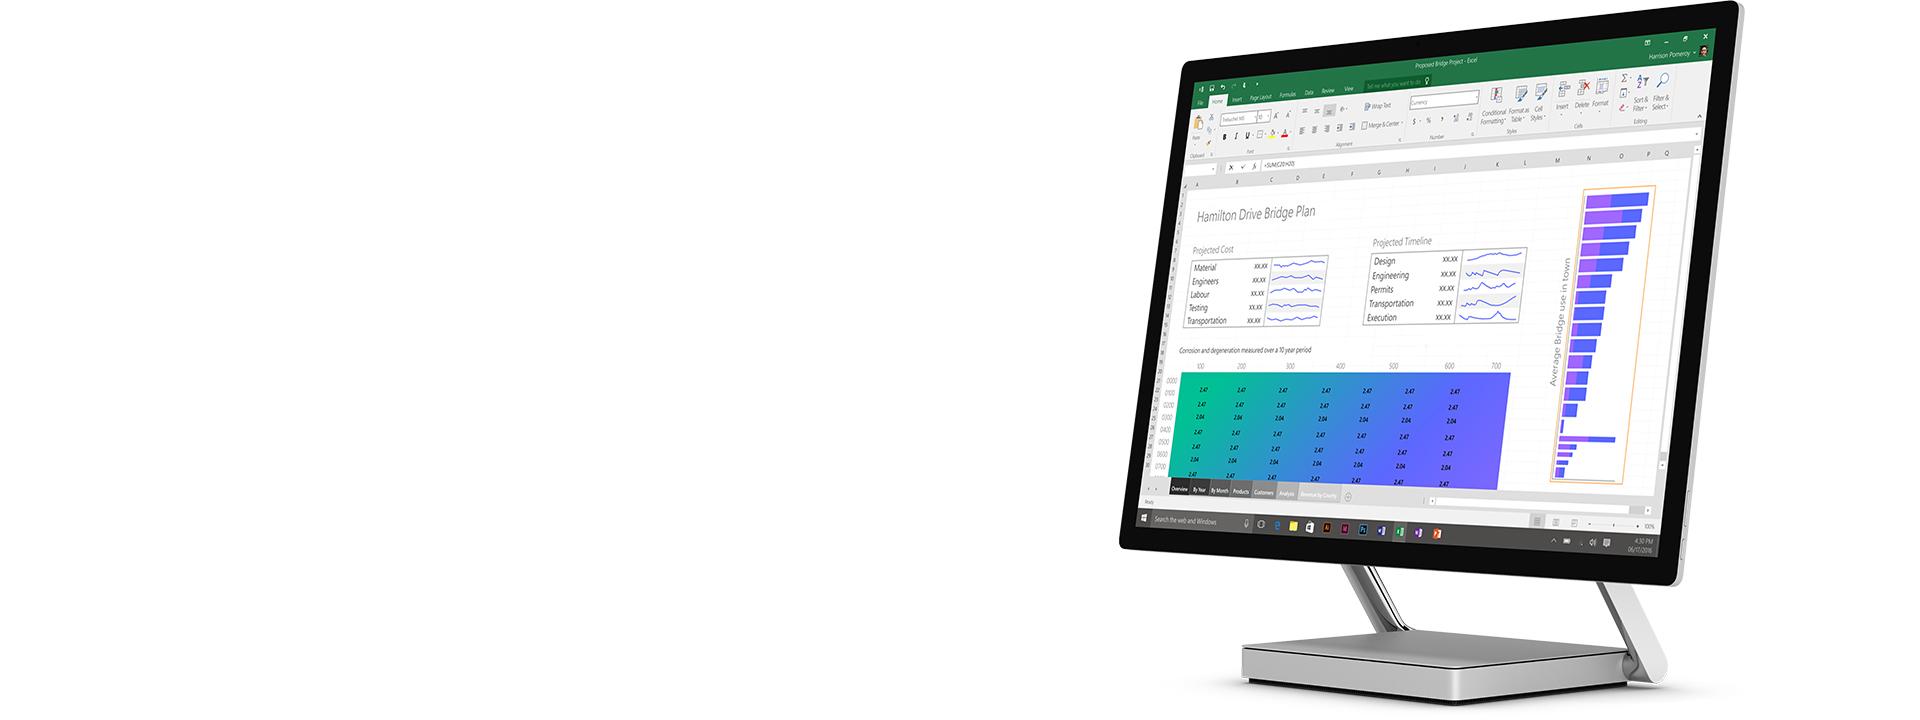 Surface Studio työpöytätilassa Excel-laskentataulukko avattuna